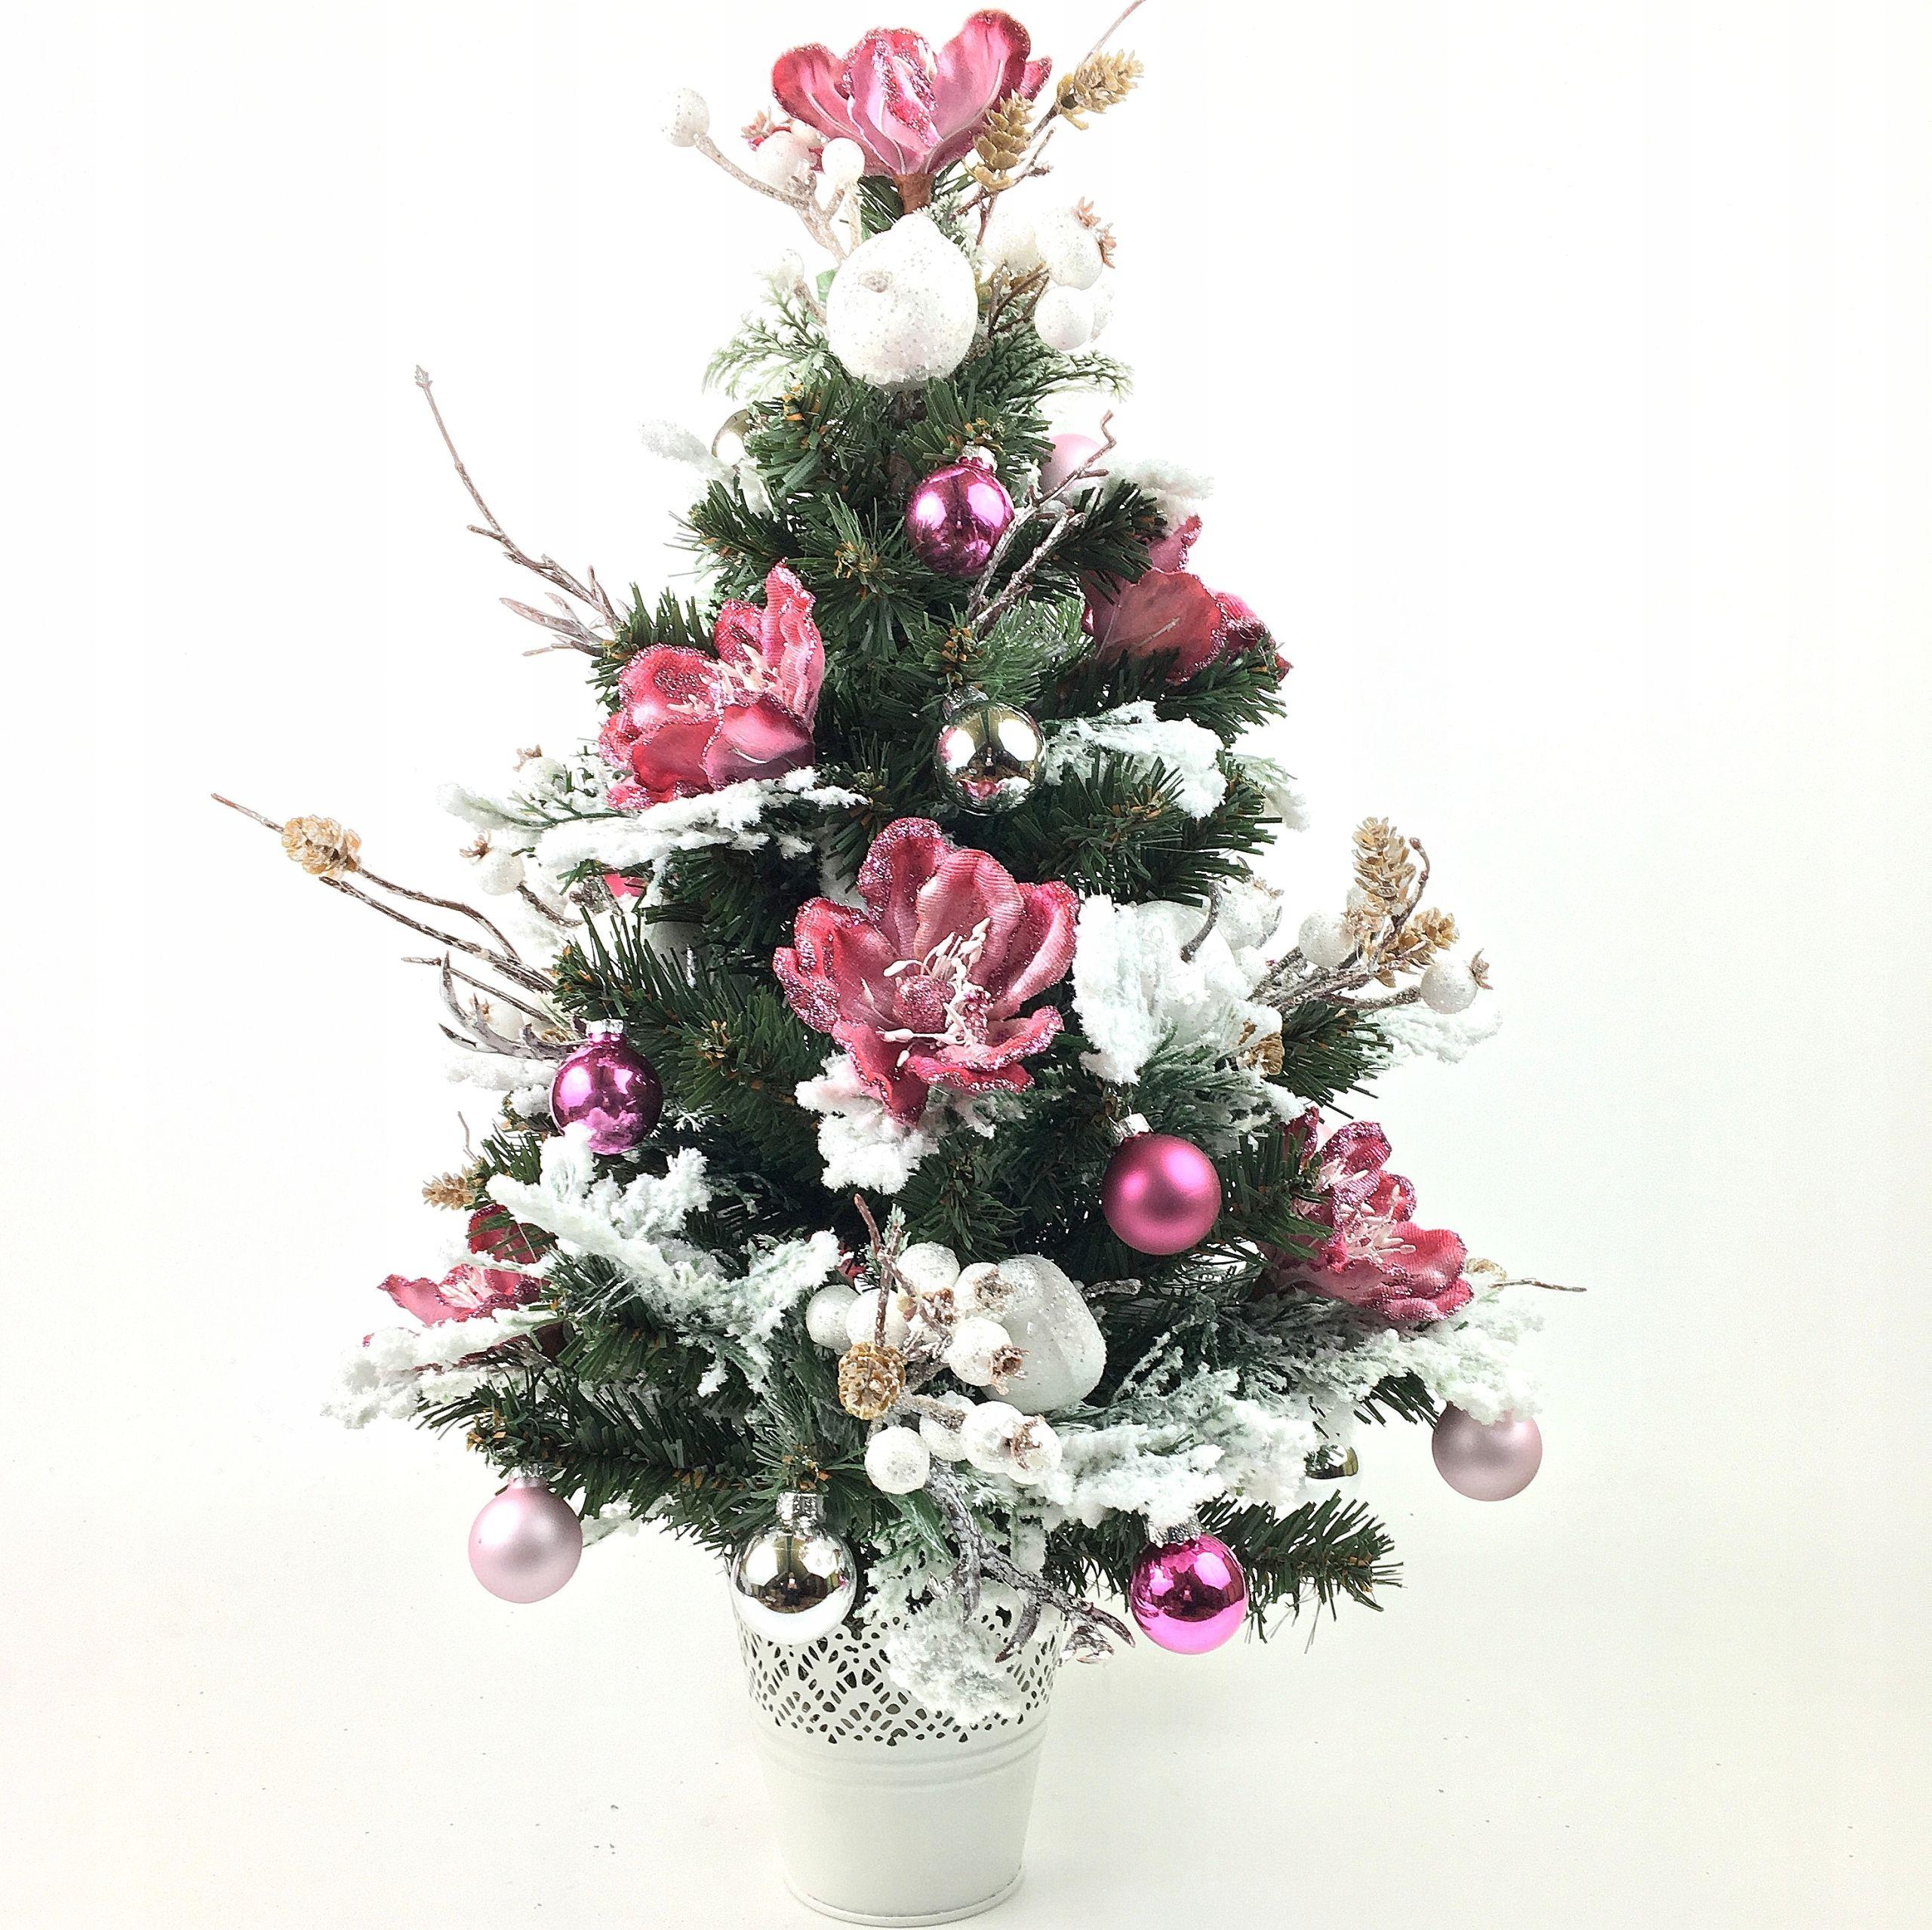 Choinka Bogato Dekorowana 56 Cm Stroik Swiateczny 8637832725 Oficjalne Archiwum Allegro Christmas Tree Floral Wreath Holiday Decor